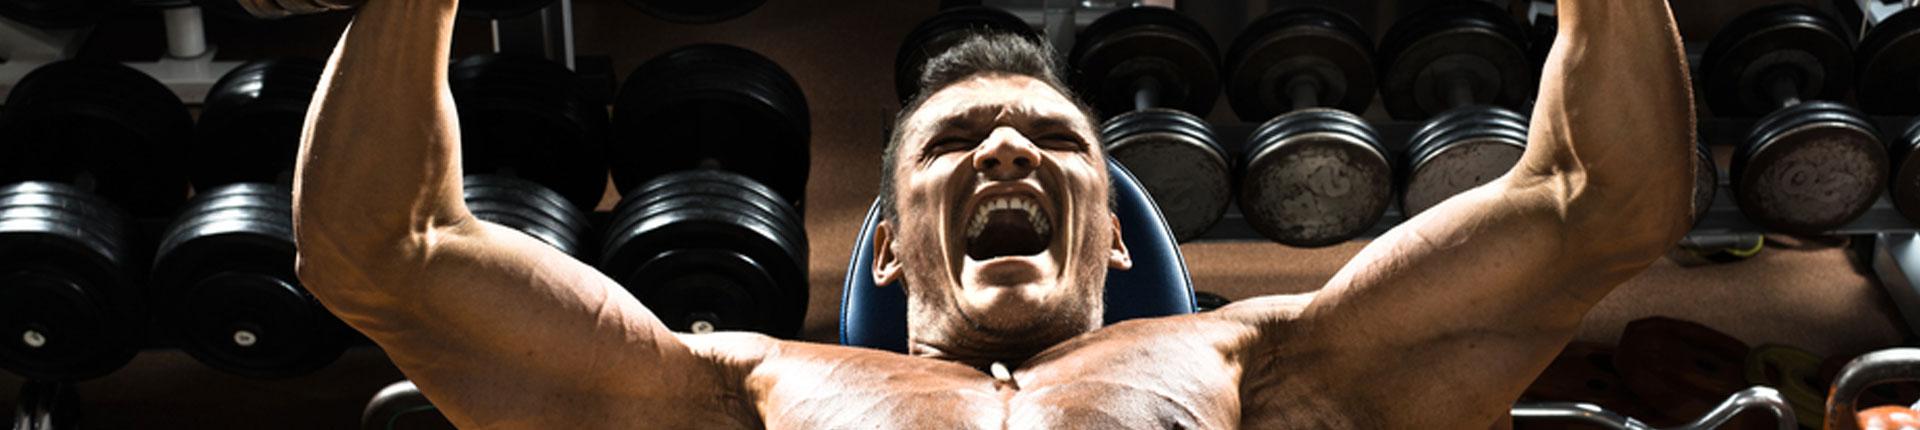 Trening nie przynosi efektów. Brak postępów w obecnym planie treningowym